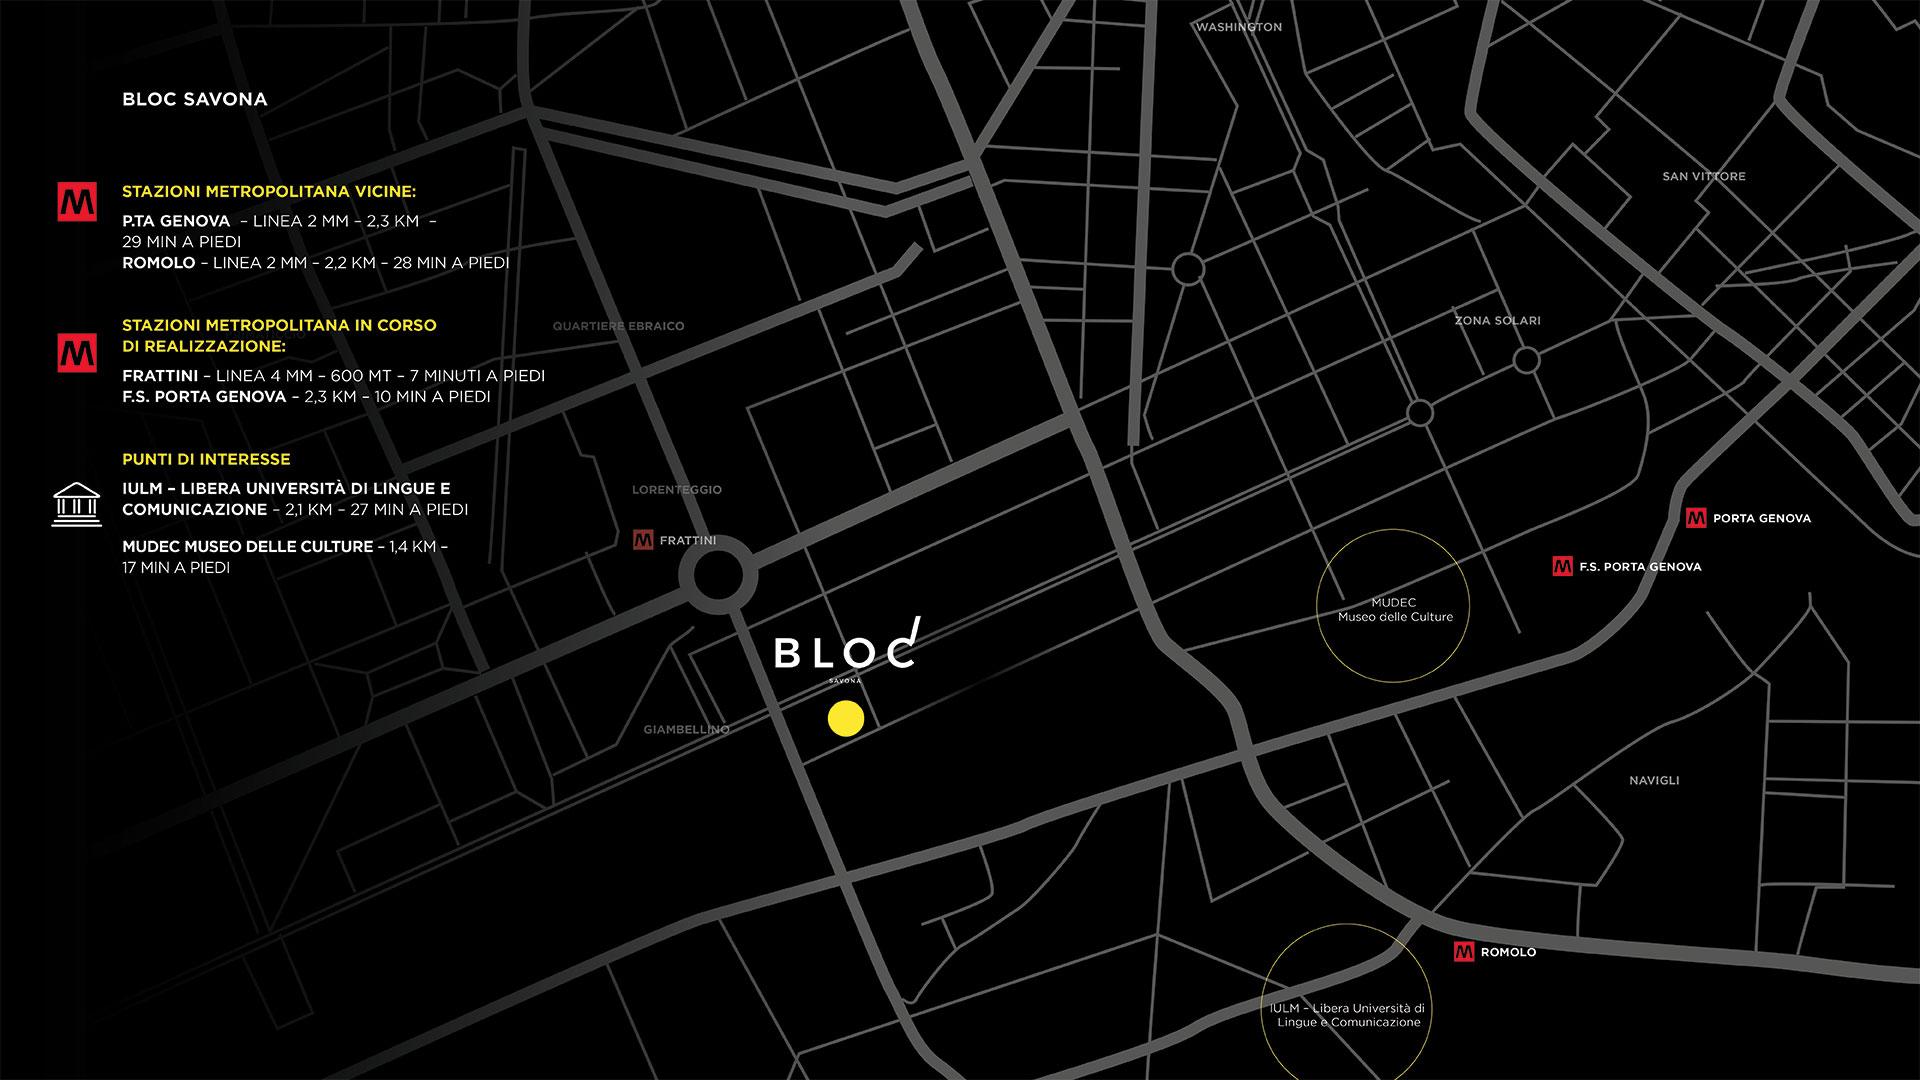 BIL_-bloc_1920x1080_06-02-6